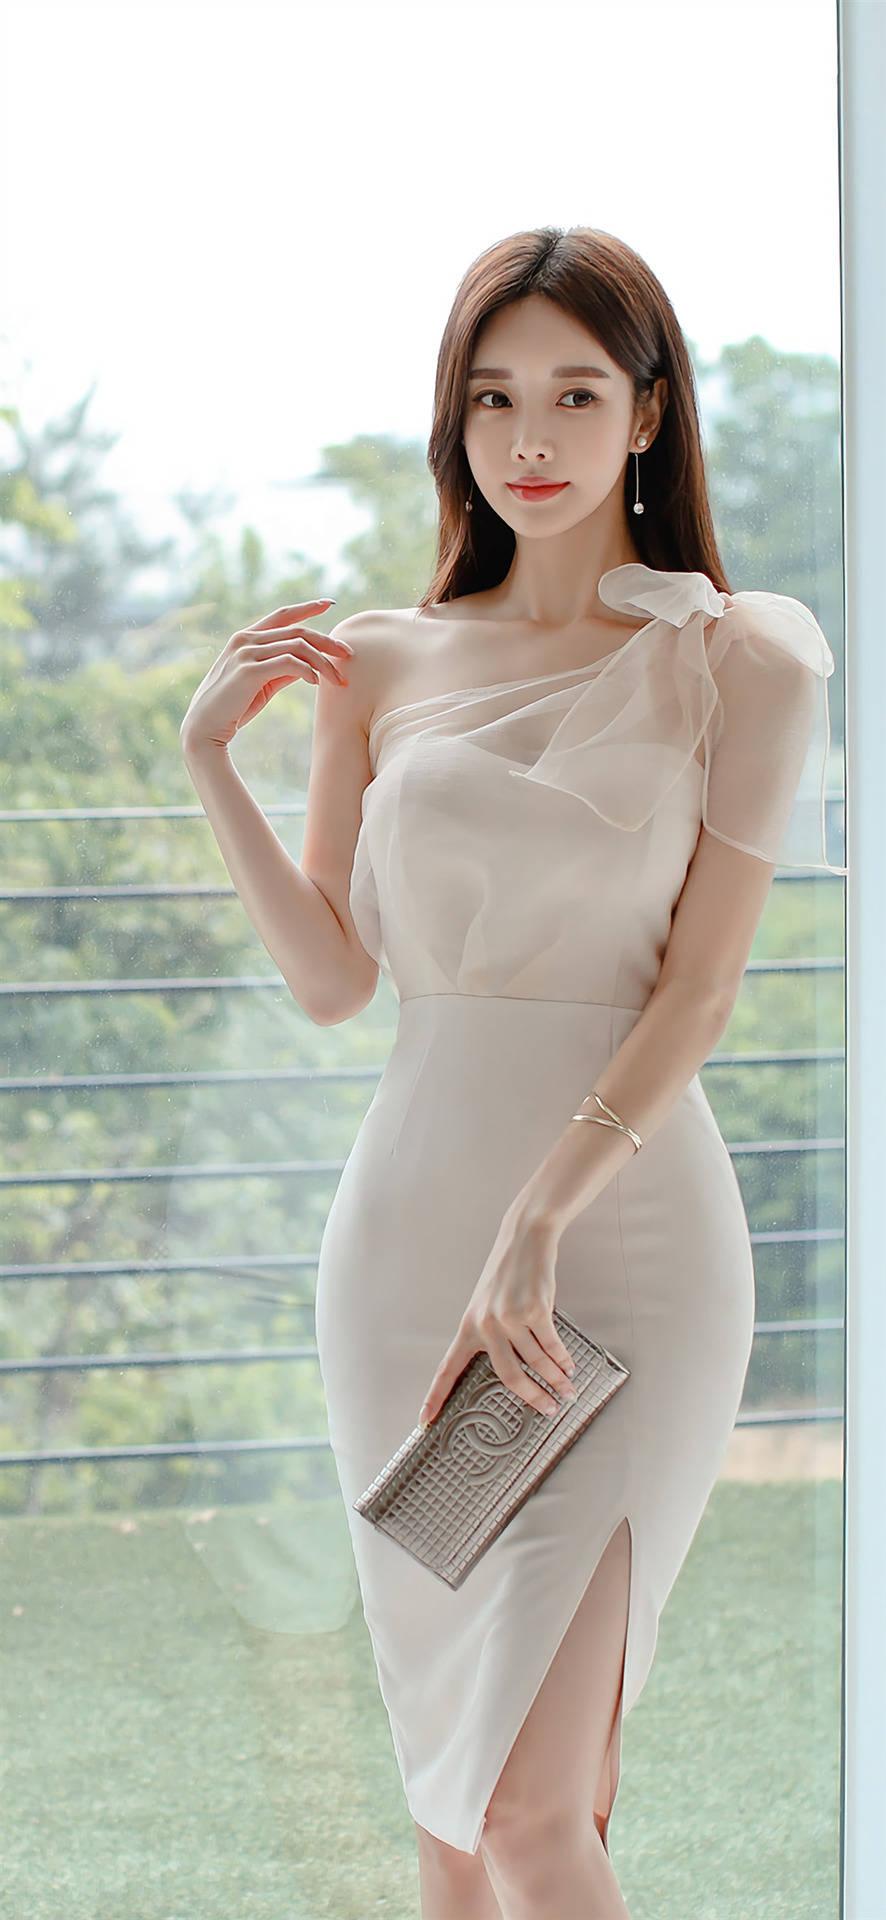 韩国美女模特孙允珠的美丽穿搭,穿出不一样的魅力诱惑